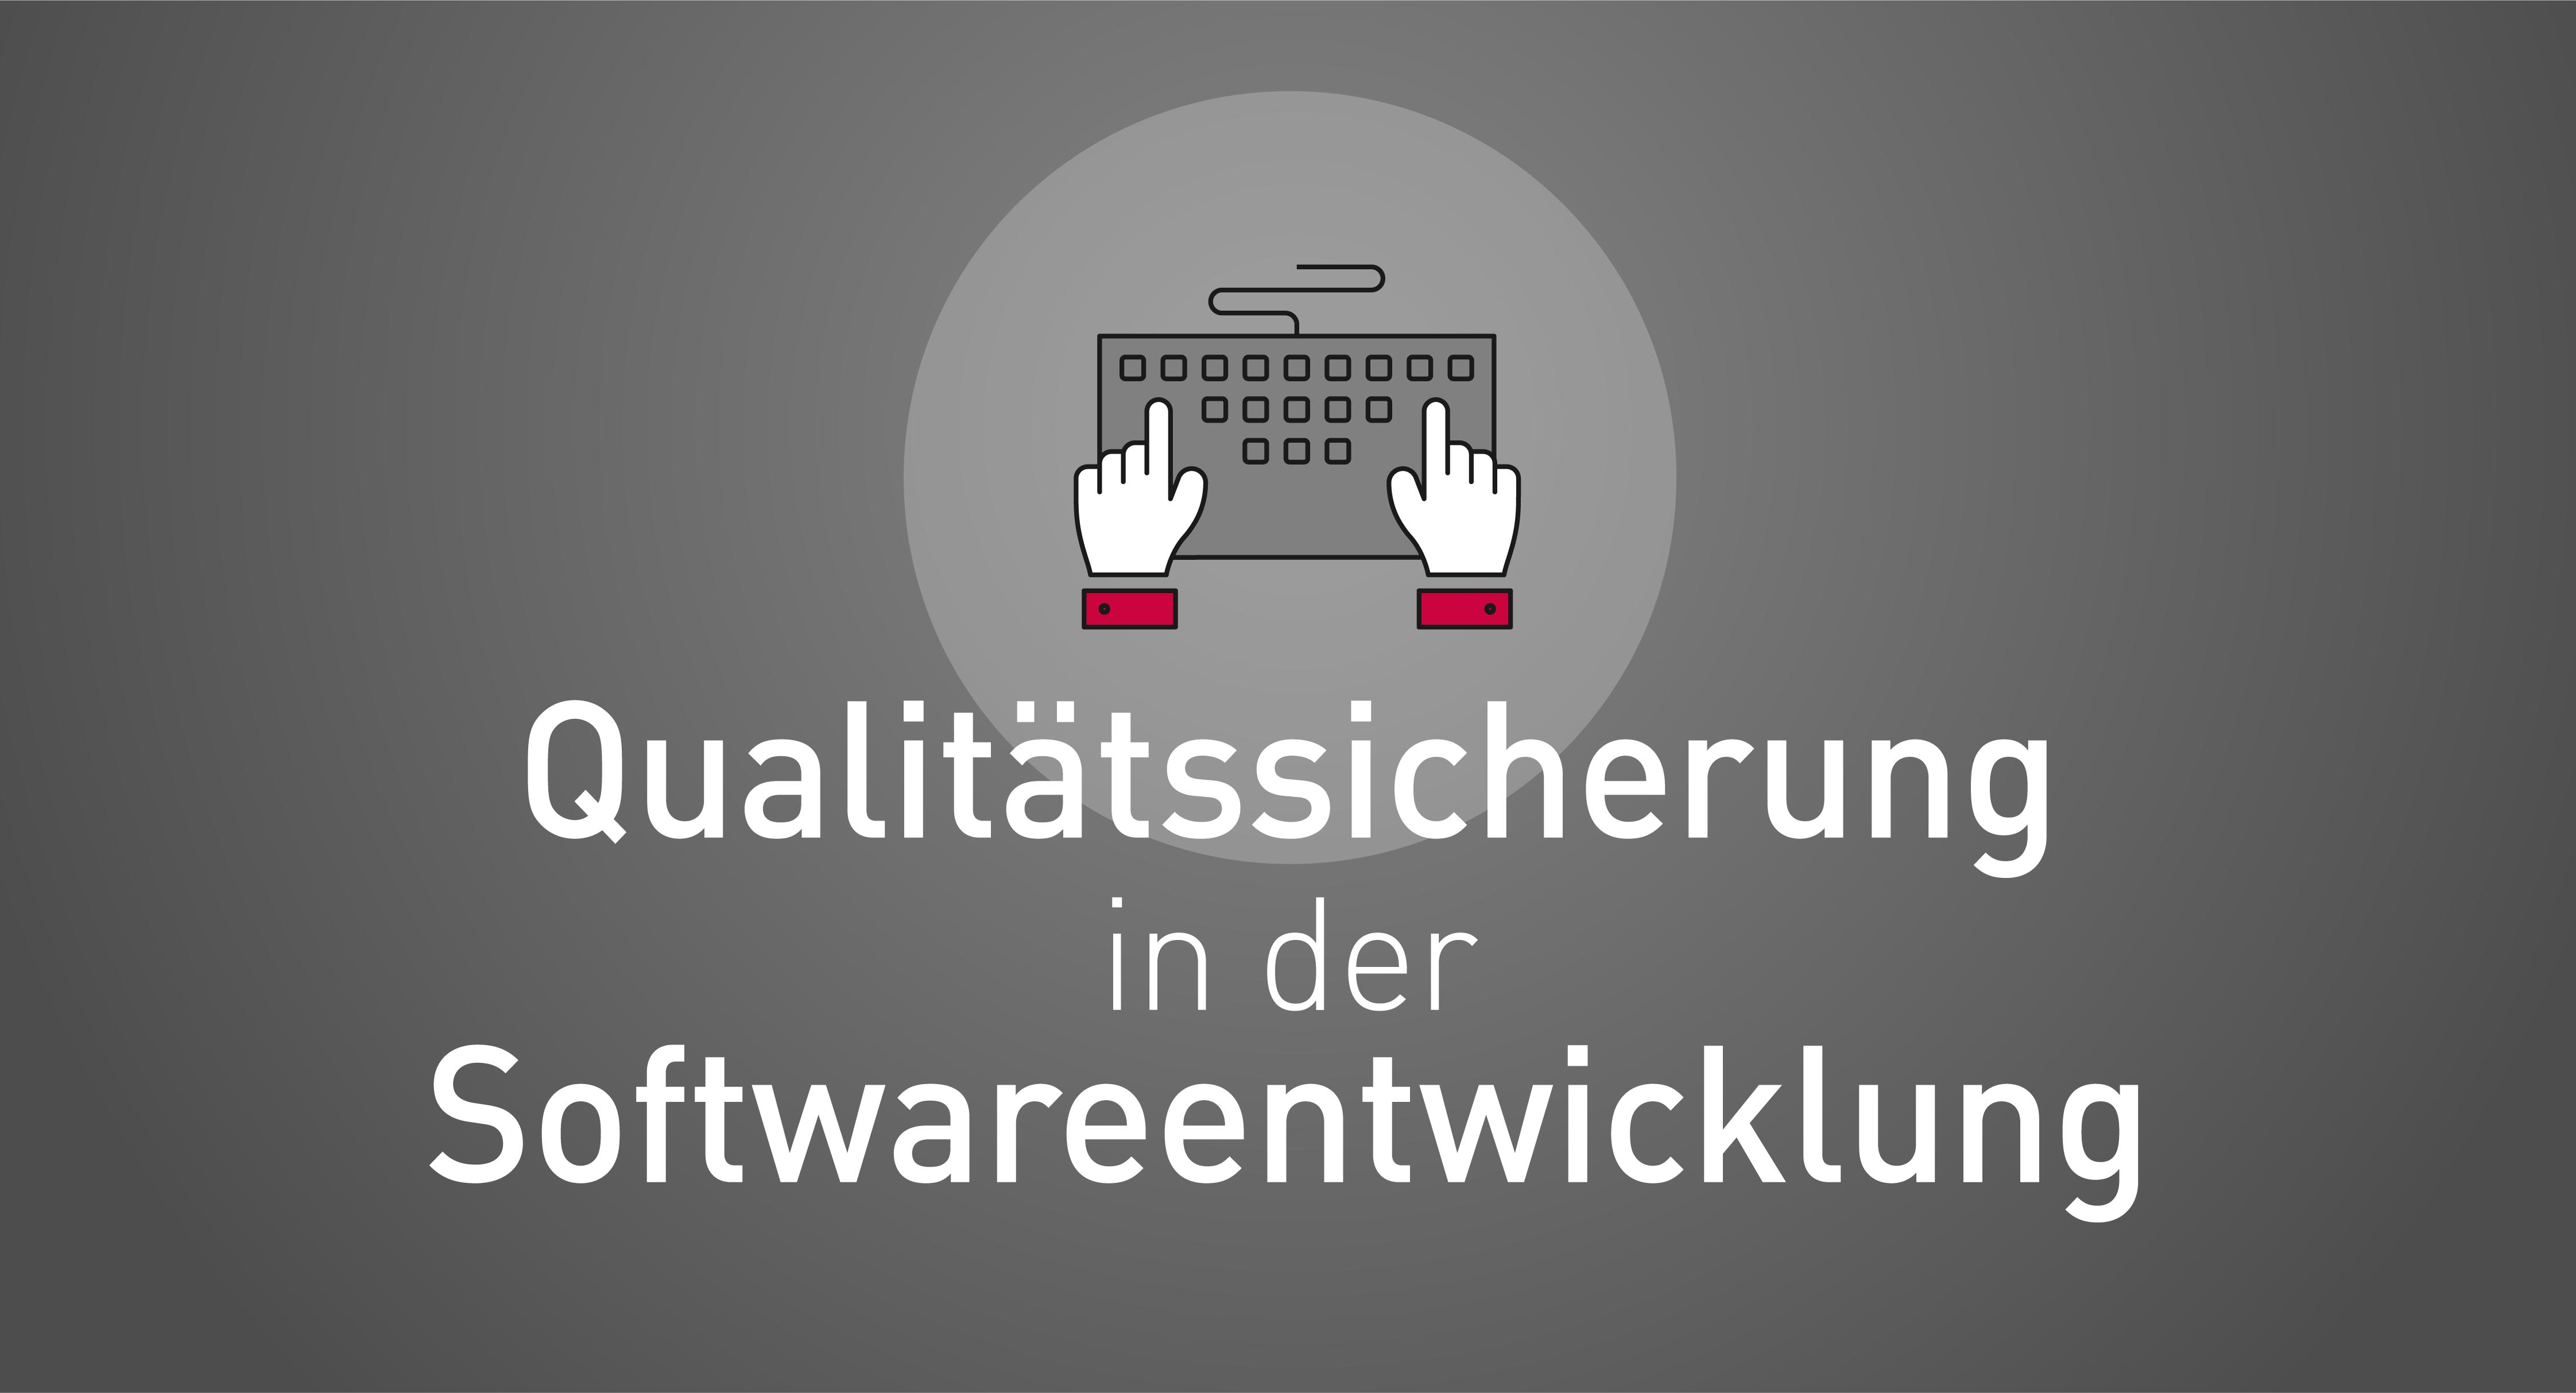 Qualitätssicherung in der Softwareentwicklung Titel